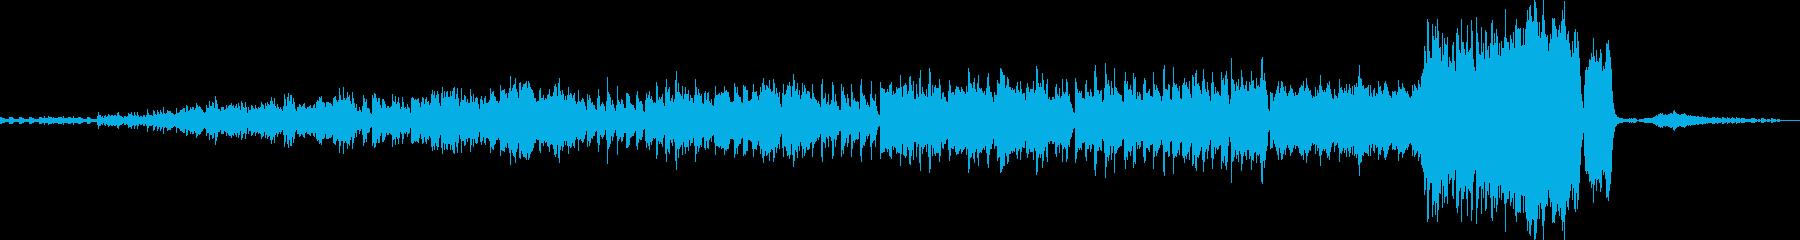 ダニー・エルフマンのより深刻な作品...の再生済みの波形